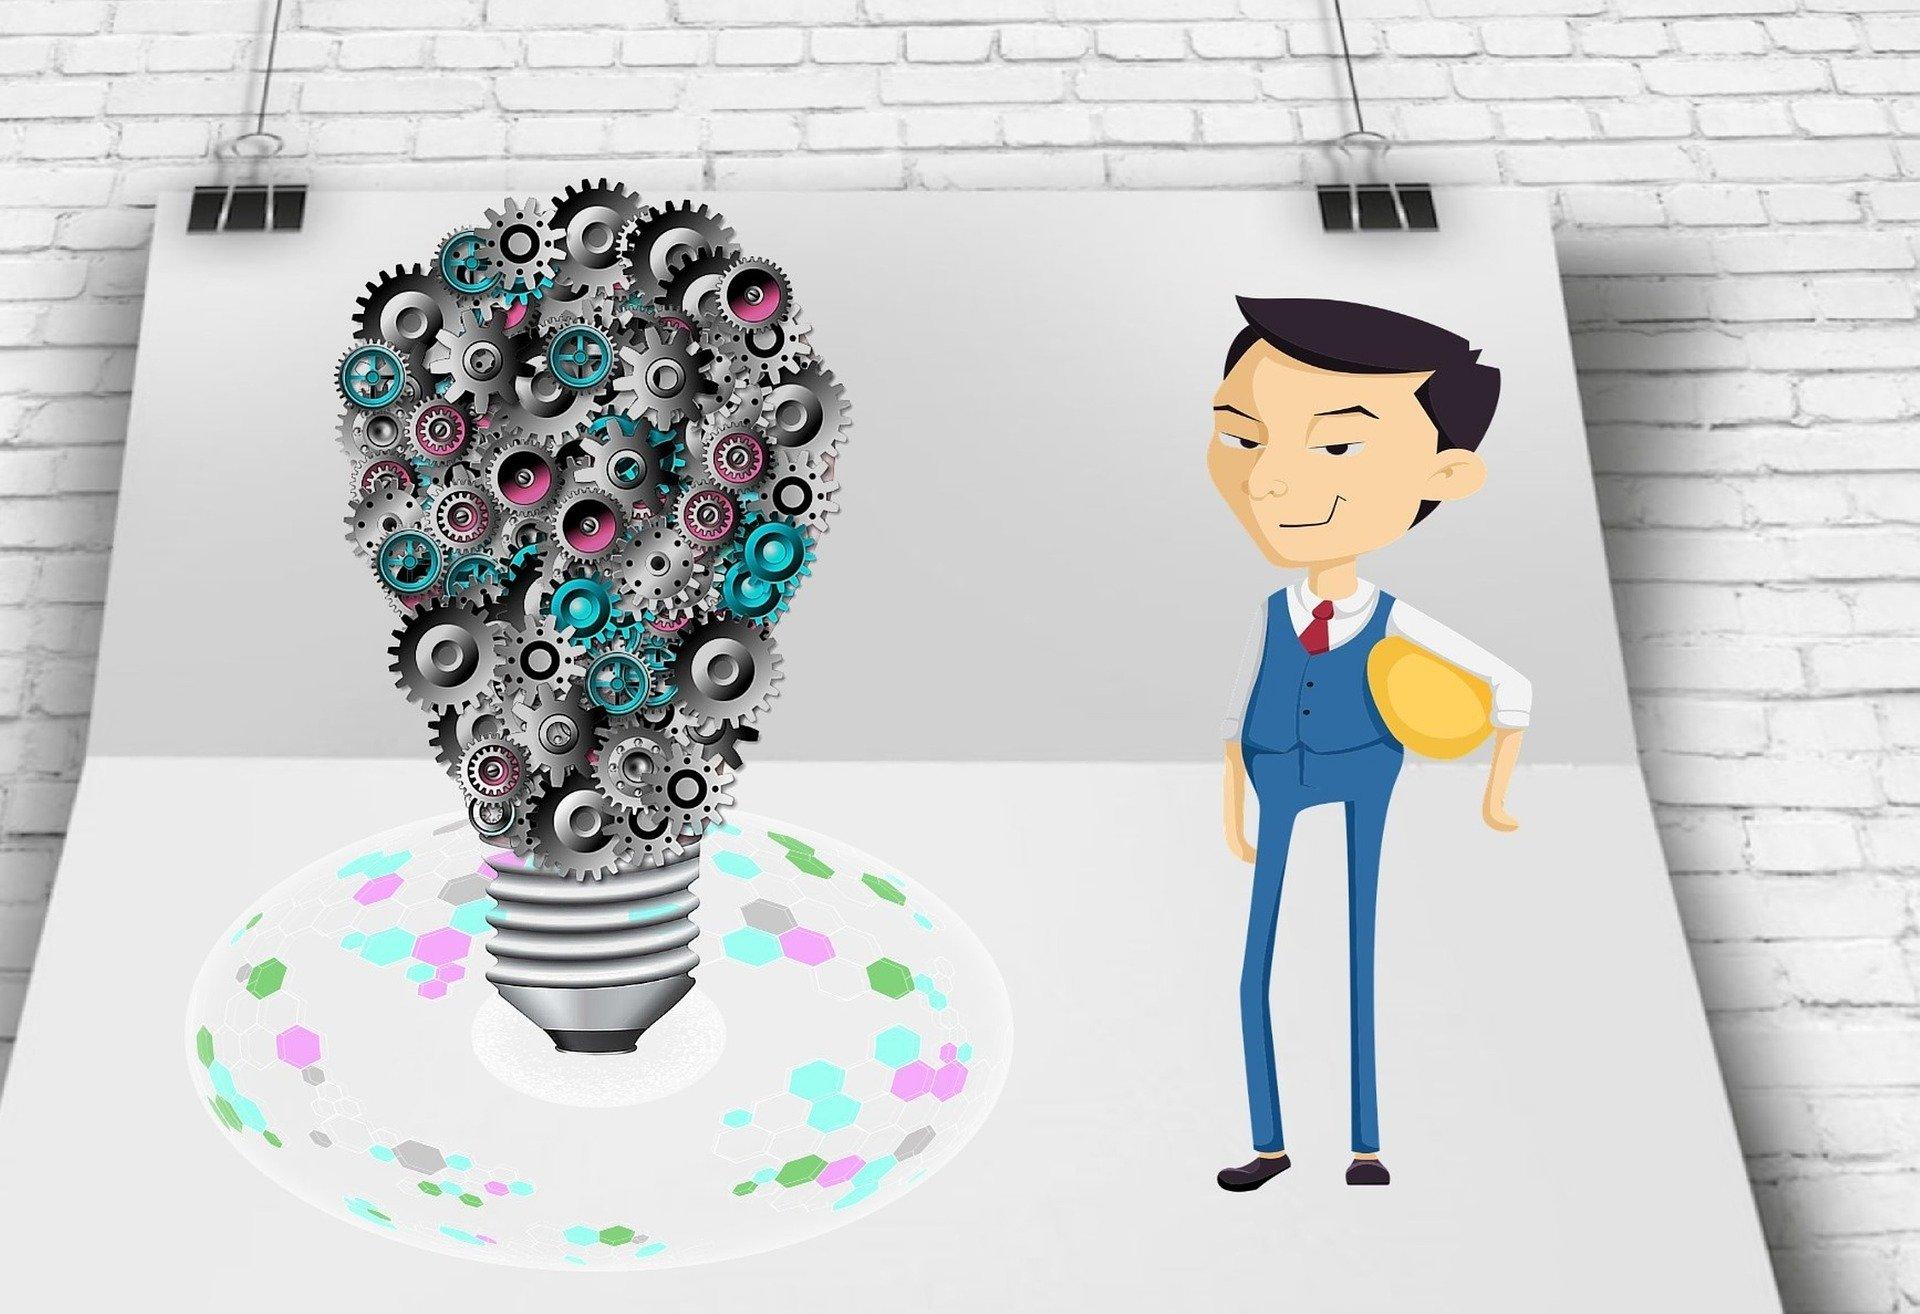 Quanto è diverso il lavoro di un progettista meccanico, che sfrutta la stampa 3D?